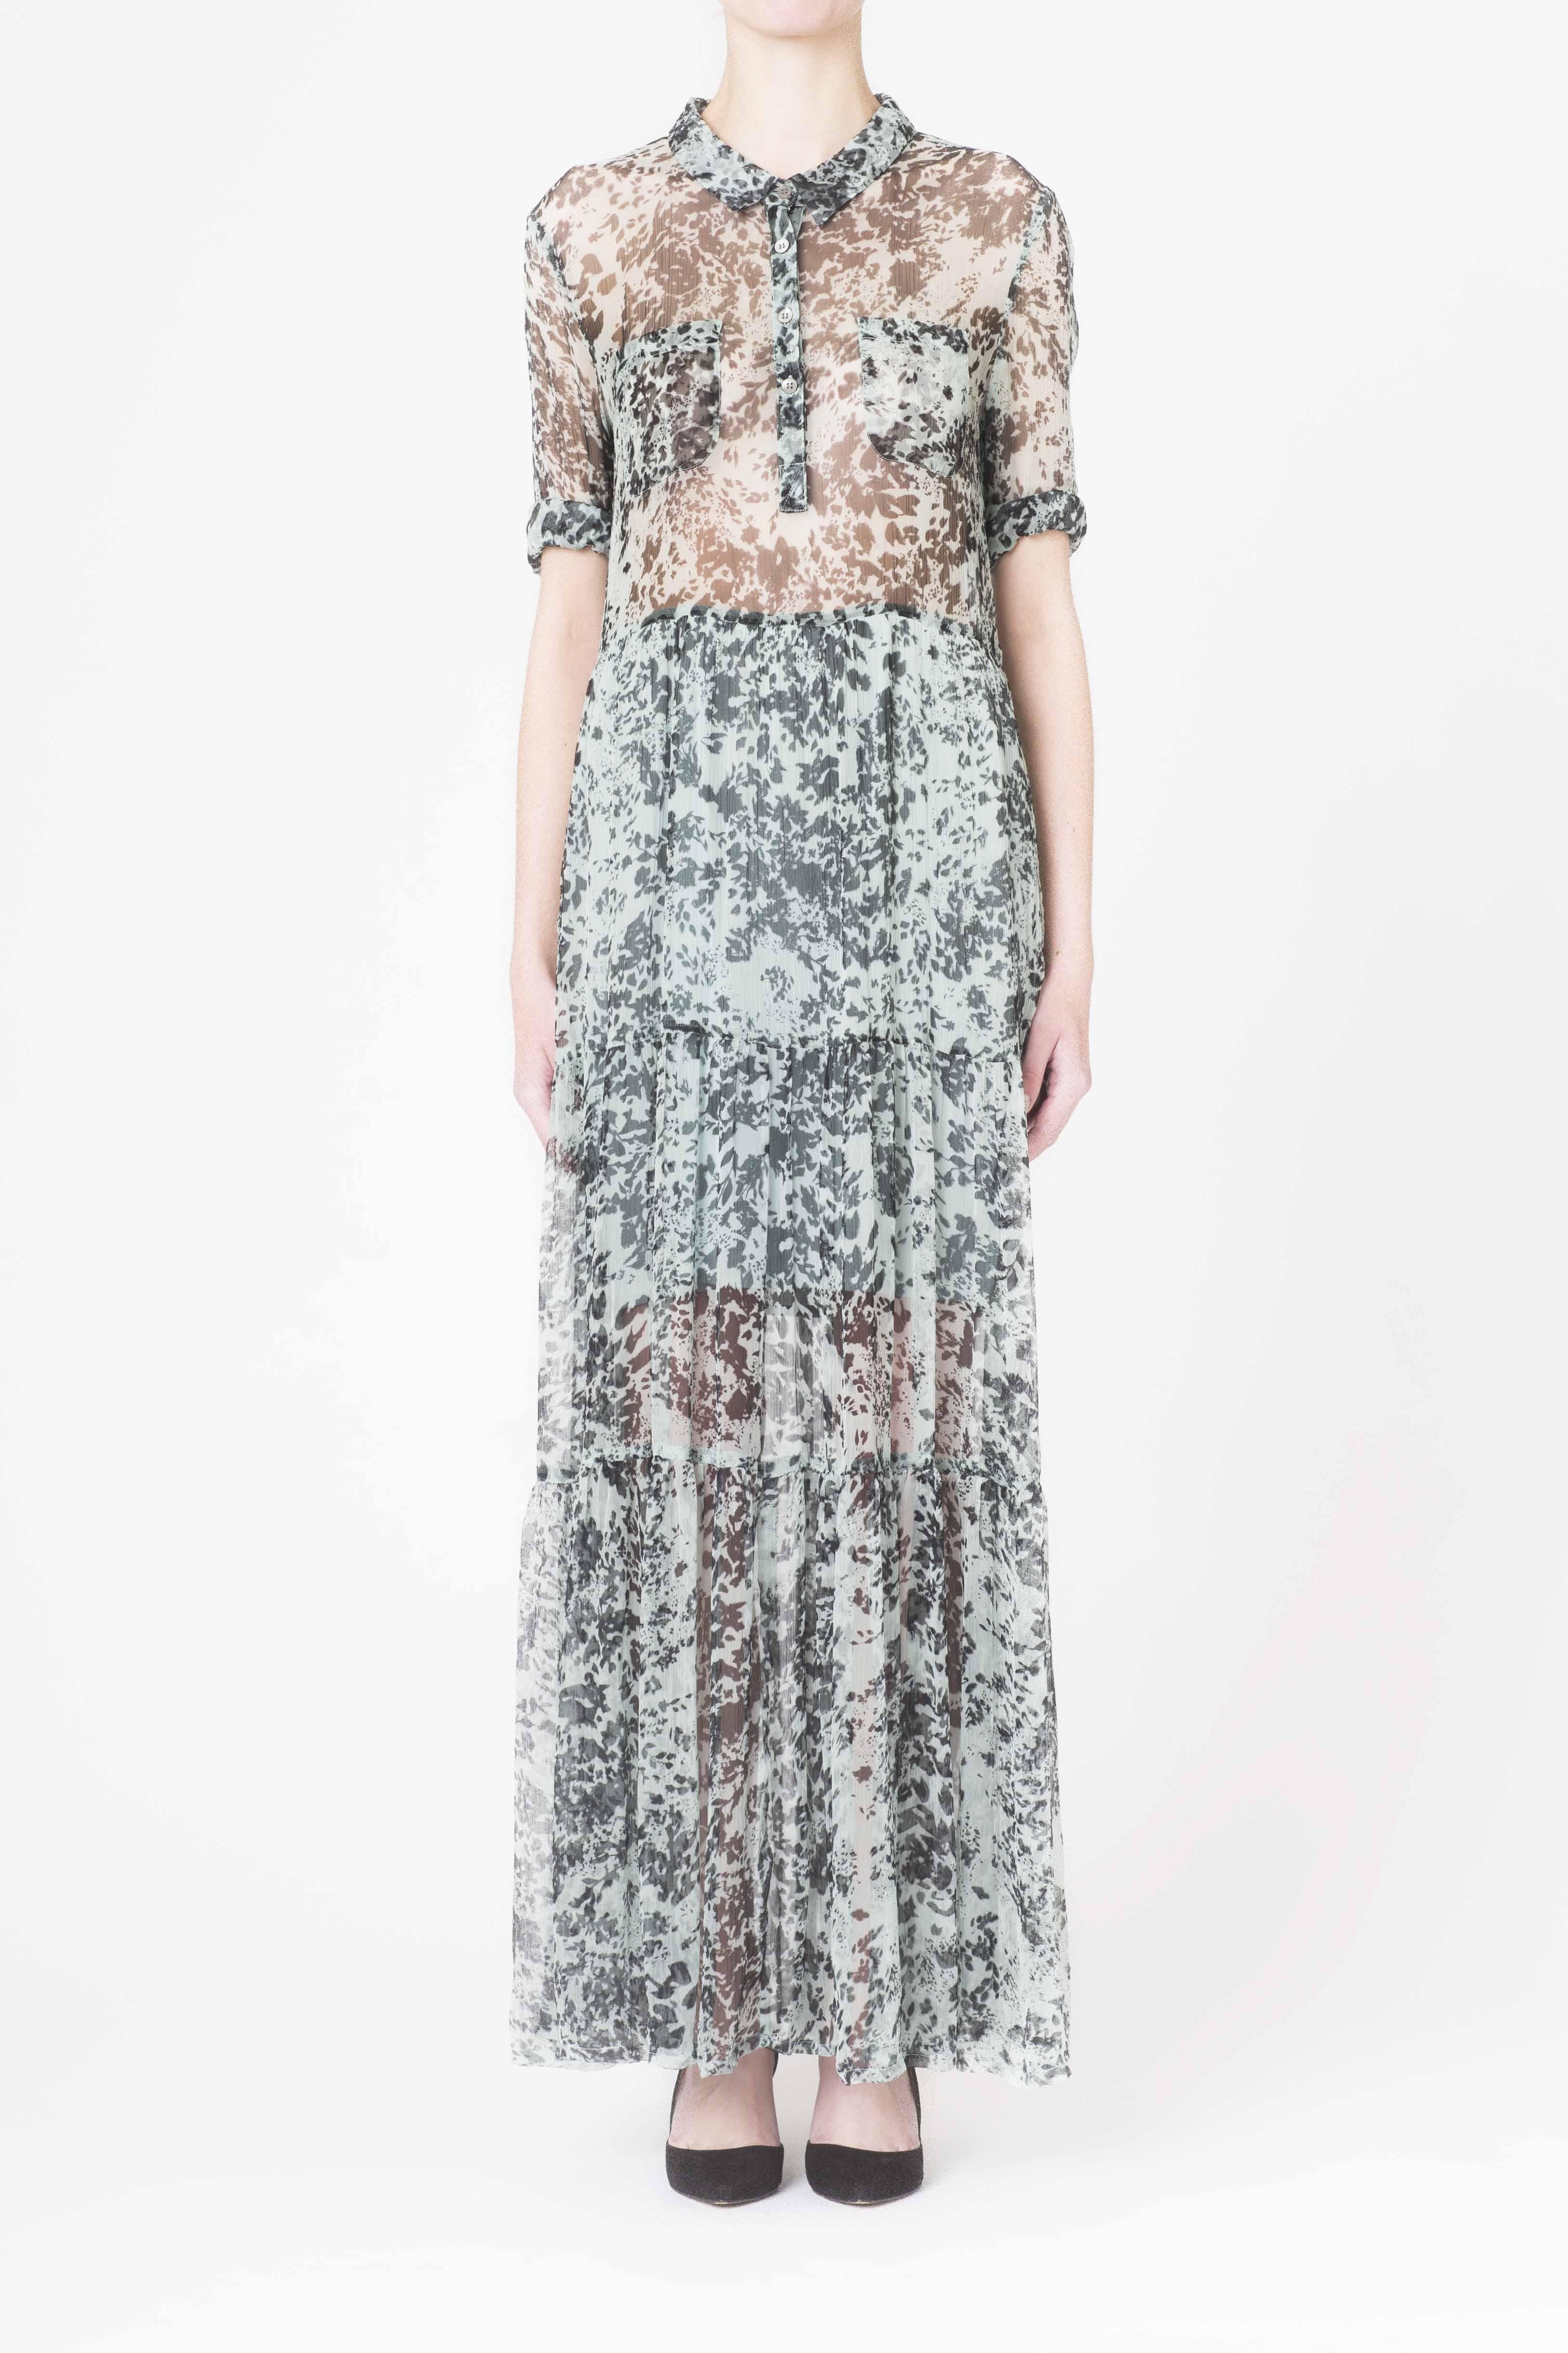 Dresses > Maxi dress